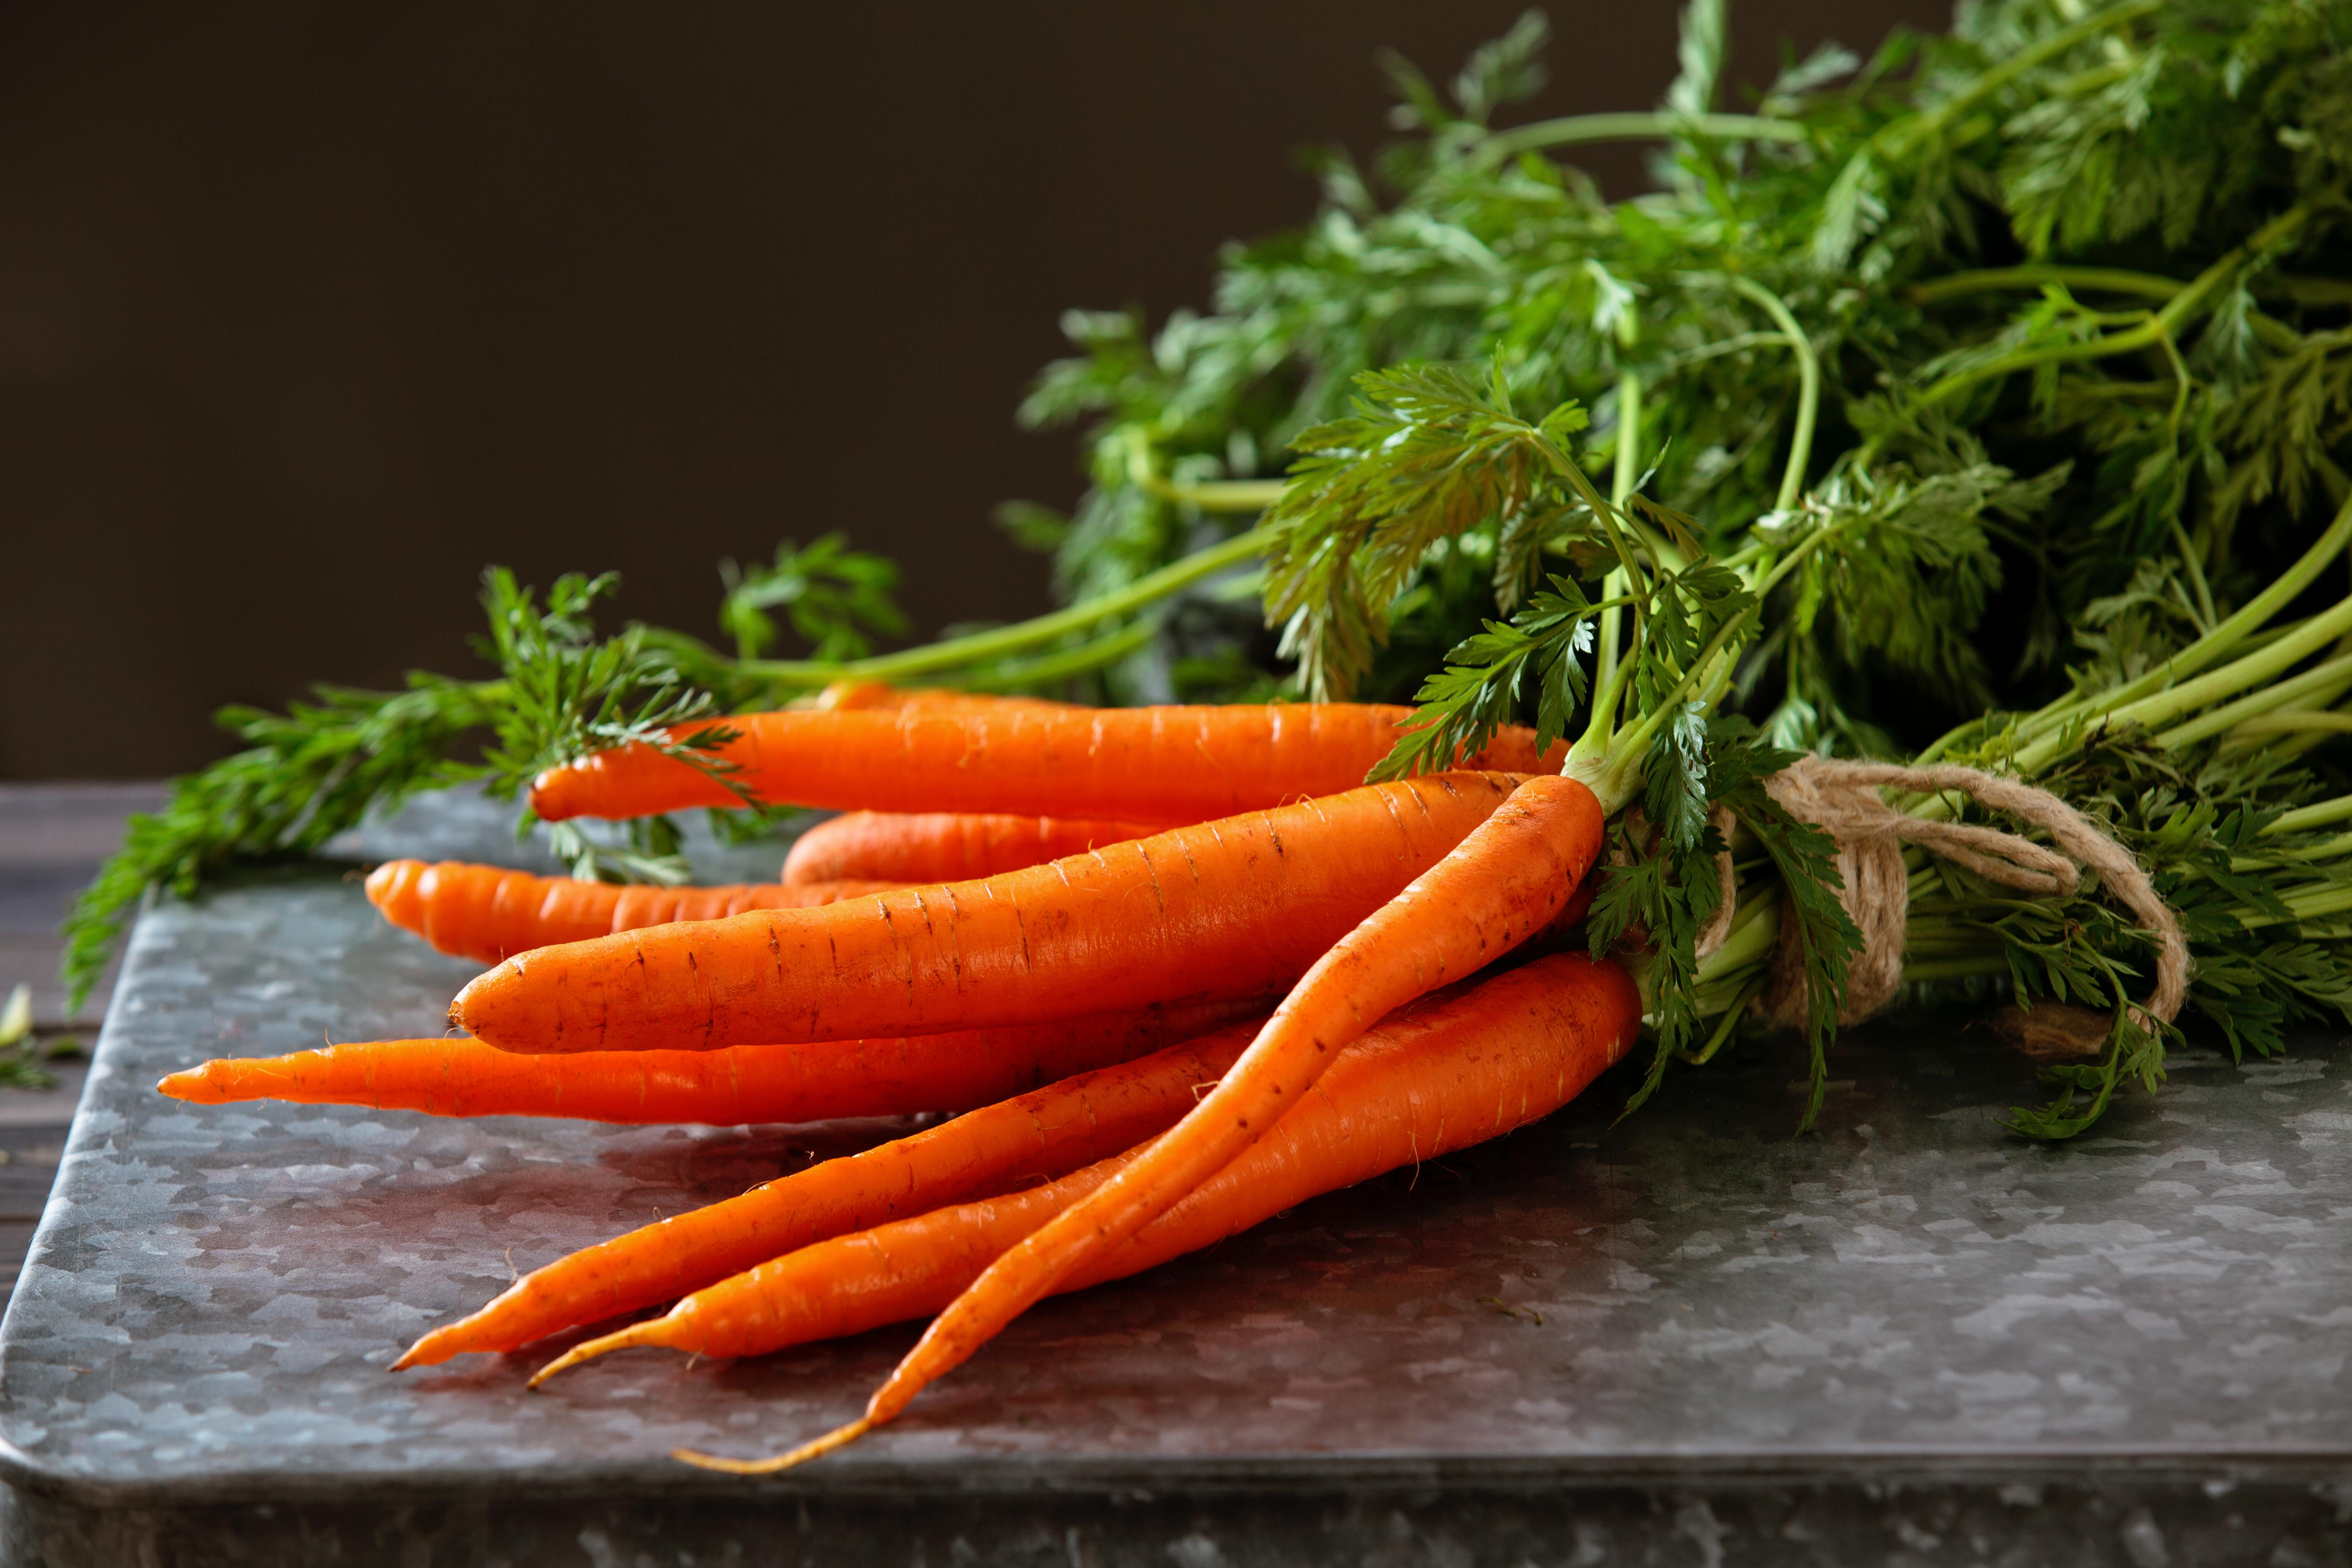 <p><strong>Моркови</strong><br /> Следващия път, когато ви попадне морков под ръка, просто го измийте добре и го изяжте суров. Те са много полезни при образуването на плака по зъбите и са известни още като естествен почистващ препарат. Убиват бактериите, като допринасят и за заздравяване на венците. Освен морковите, ябълките и целината също са чудесно средство за избелване на зъбите. Те предотвратяват заболявания на венците и гингивит, както и убиват бактериите, причиняващи неприятен дъх в устата.</p>